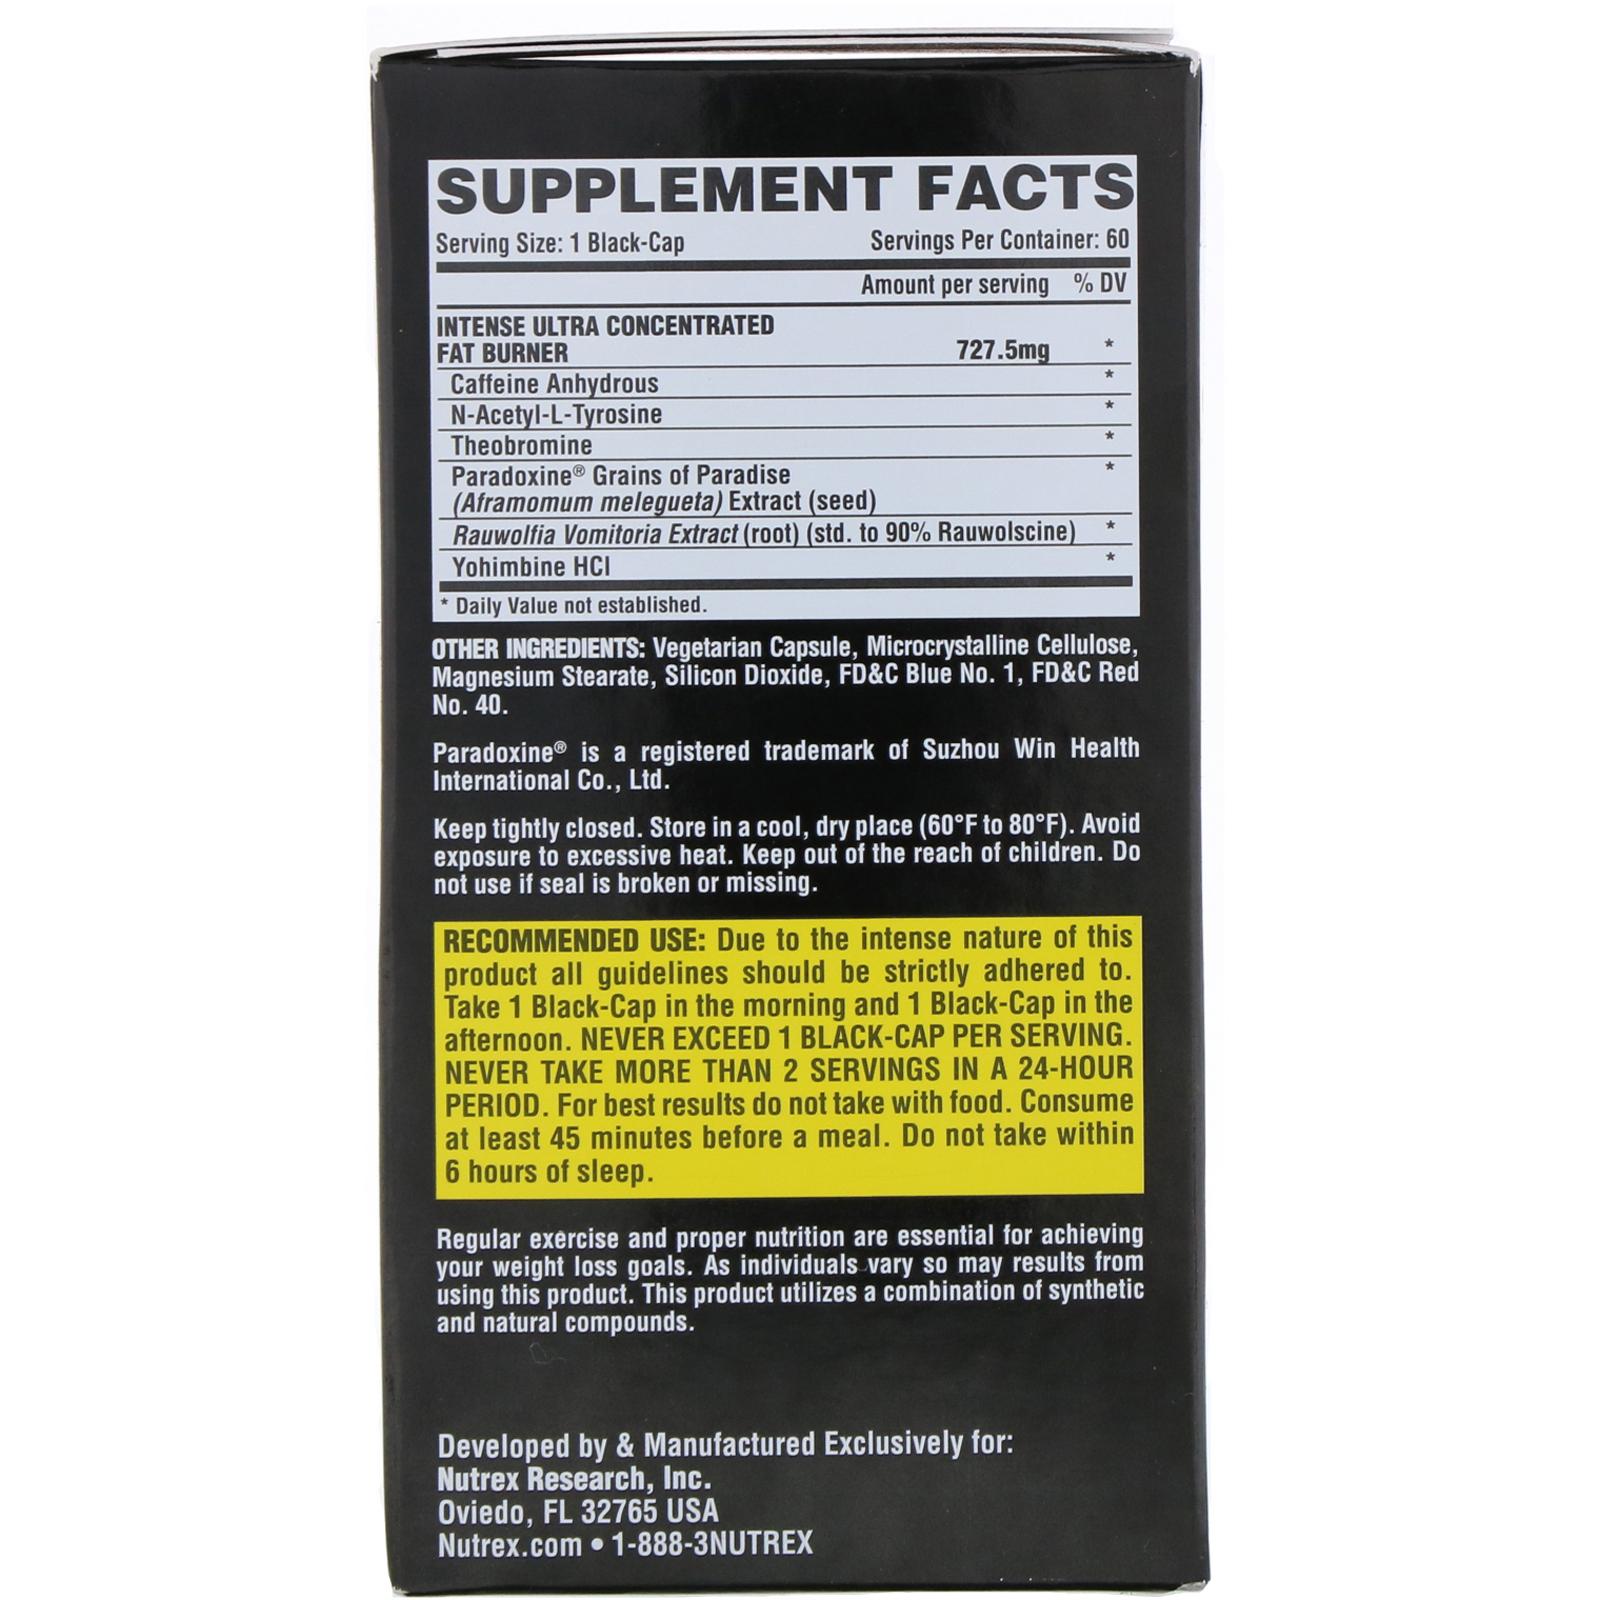 Отзывы спортивное питание nutrex lipo-6 black hers ultra concentrate » нашемнение - сайт отзывов обо всем